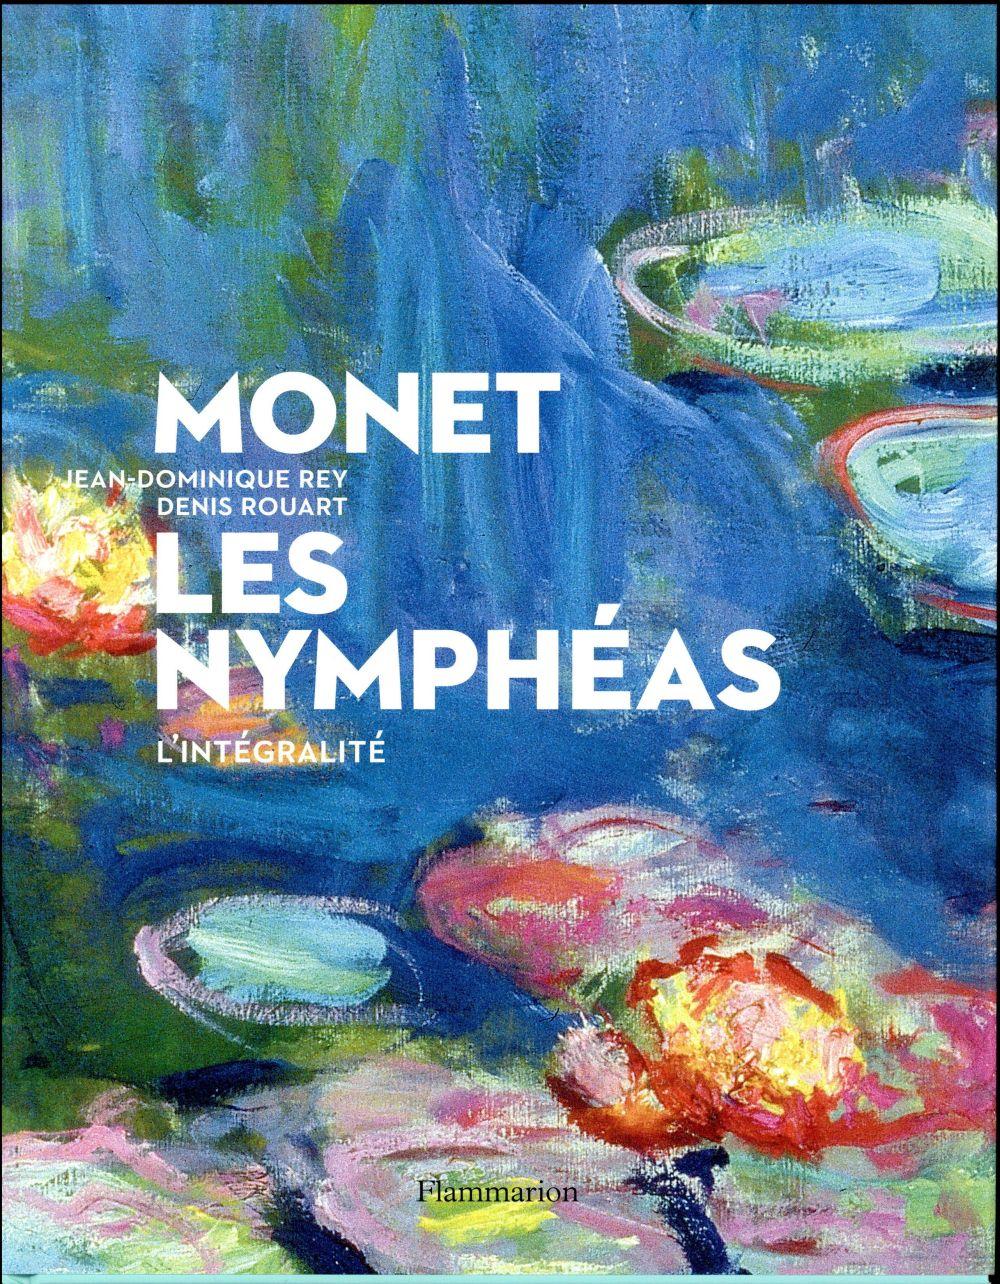 MONET, LES NYMPHEAS